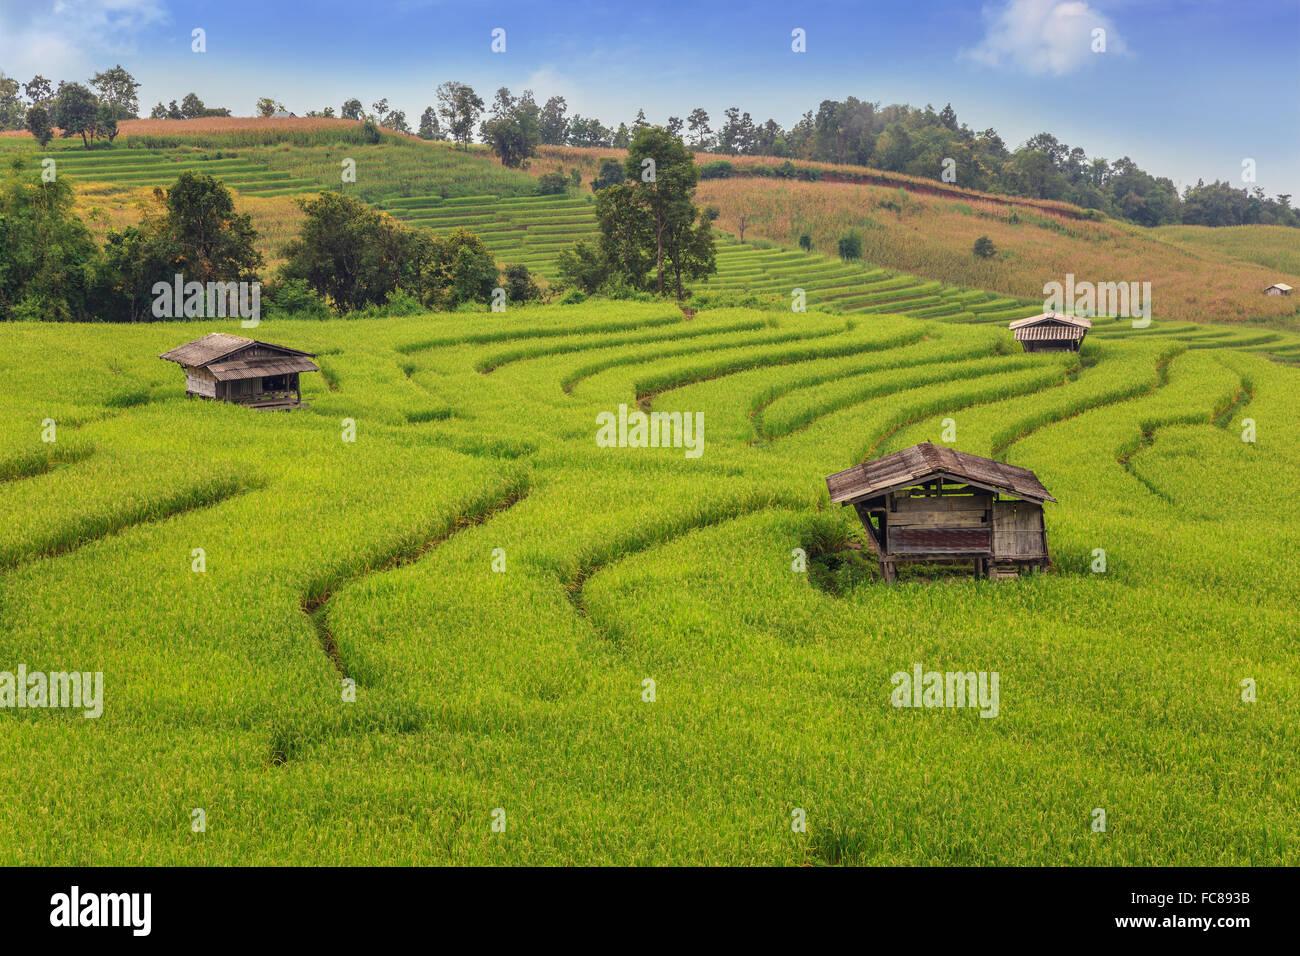 Los campos de arroz en el país de Tailandia Imagen De Stock